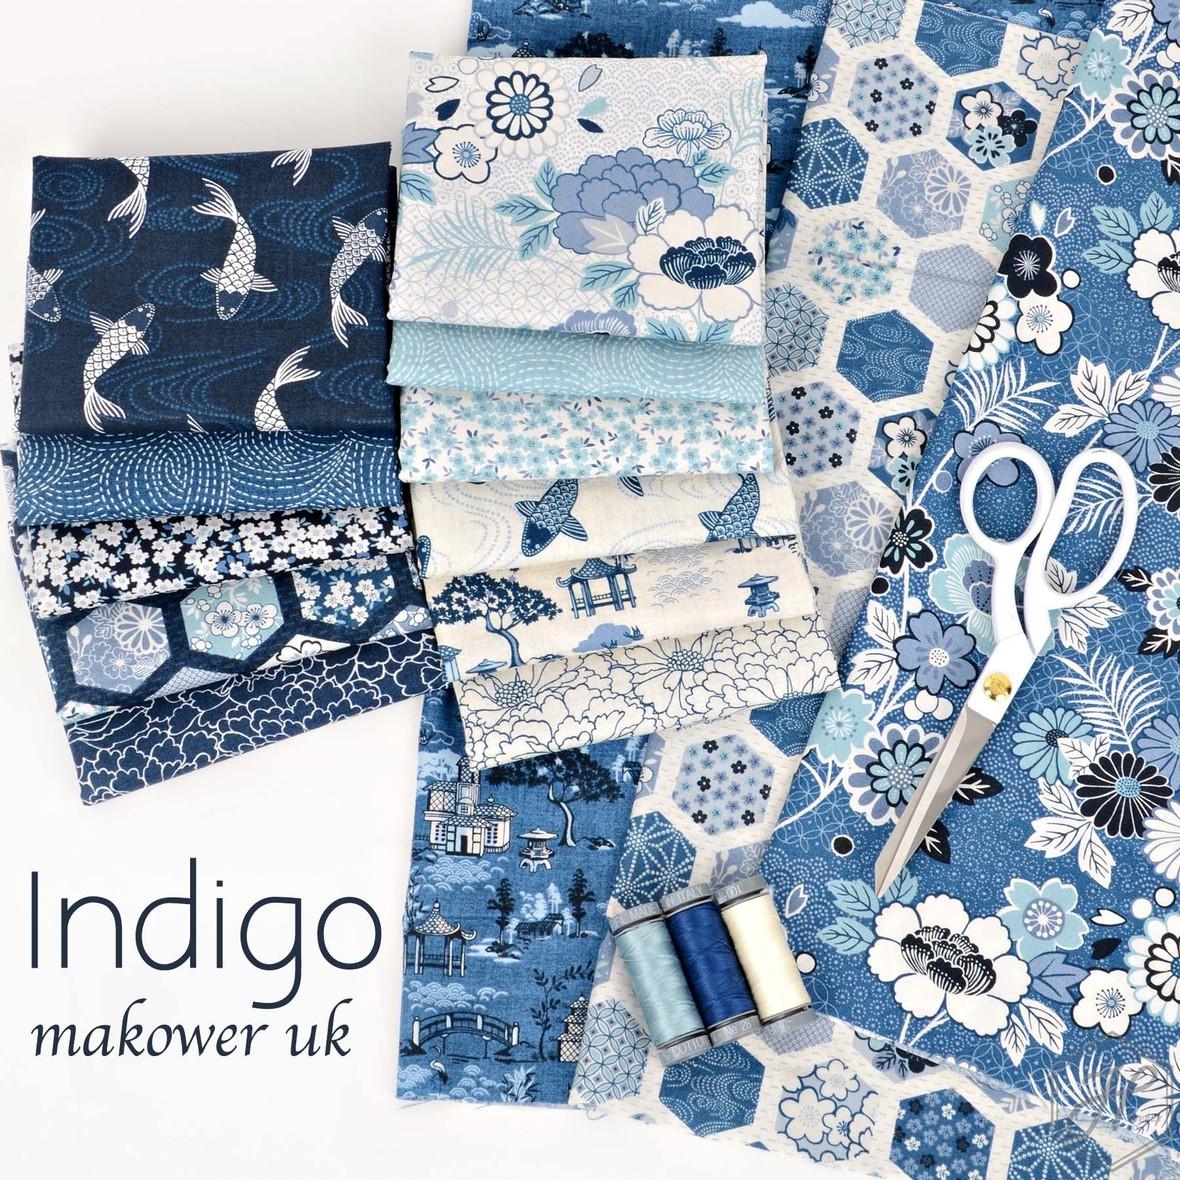 Indigo Fabric Poster Makower UK at Hawthorne Supply Co